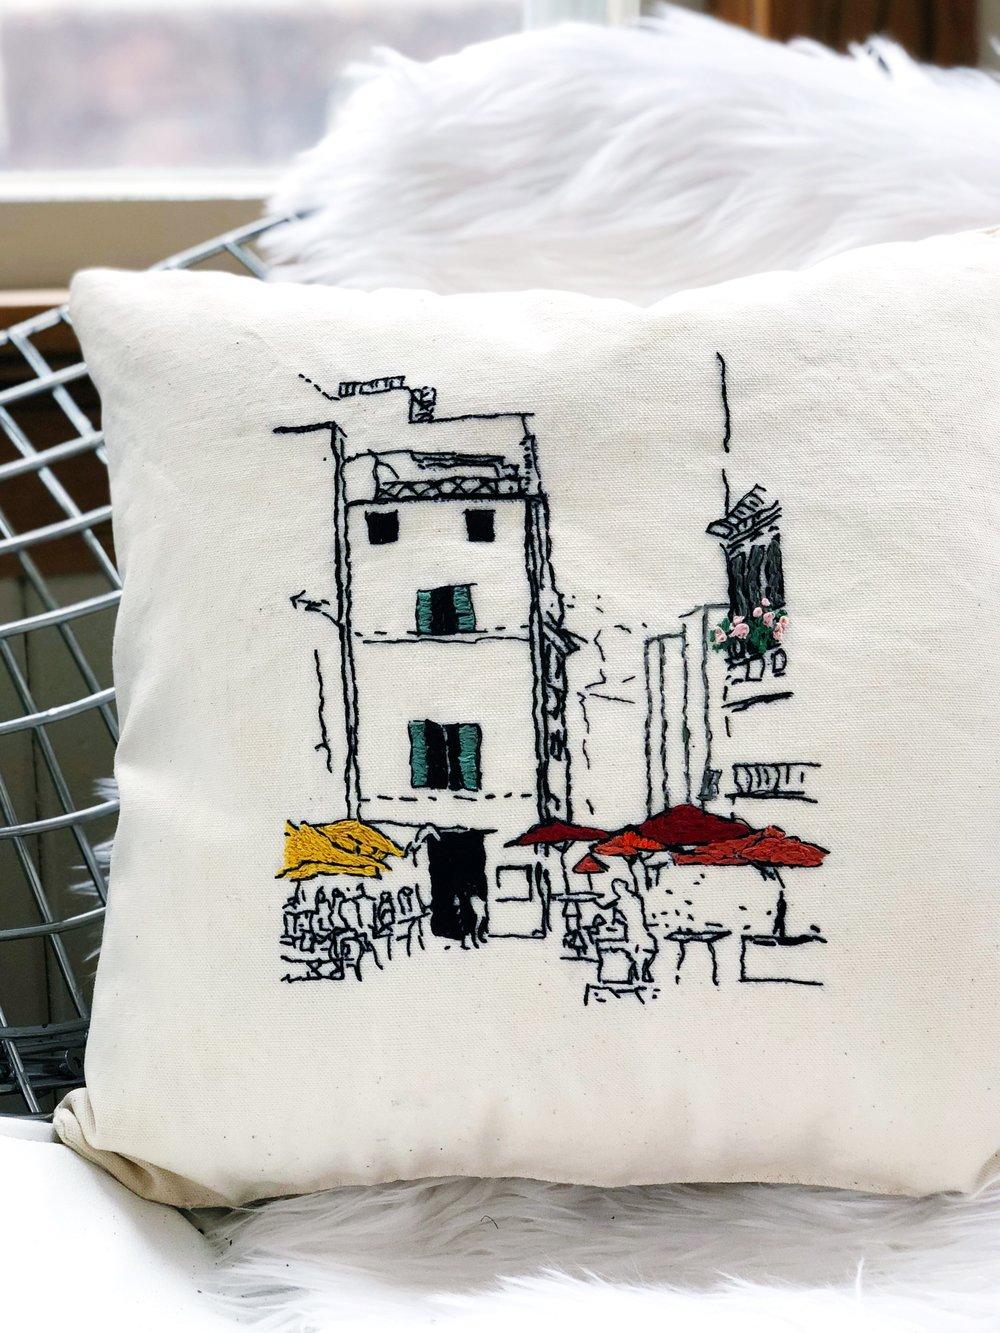 hand embroidered art throw pillow.jpg